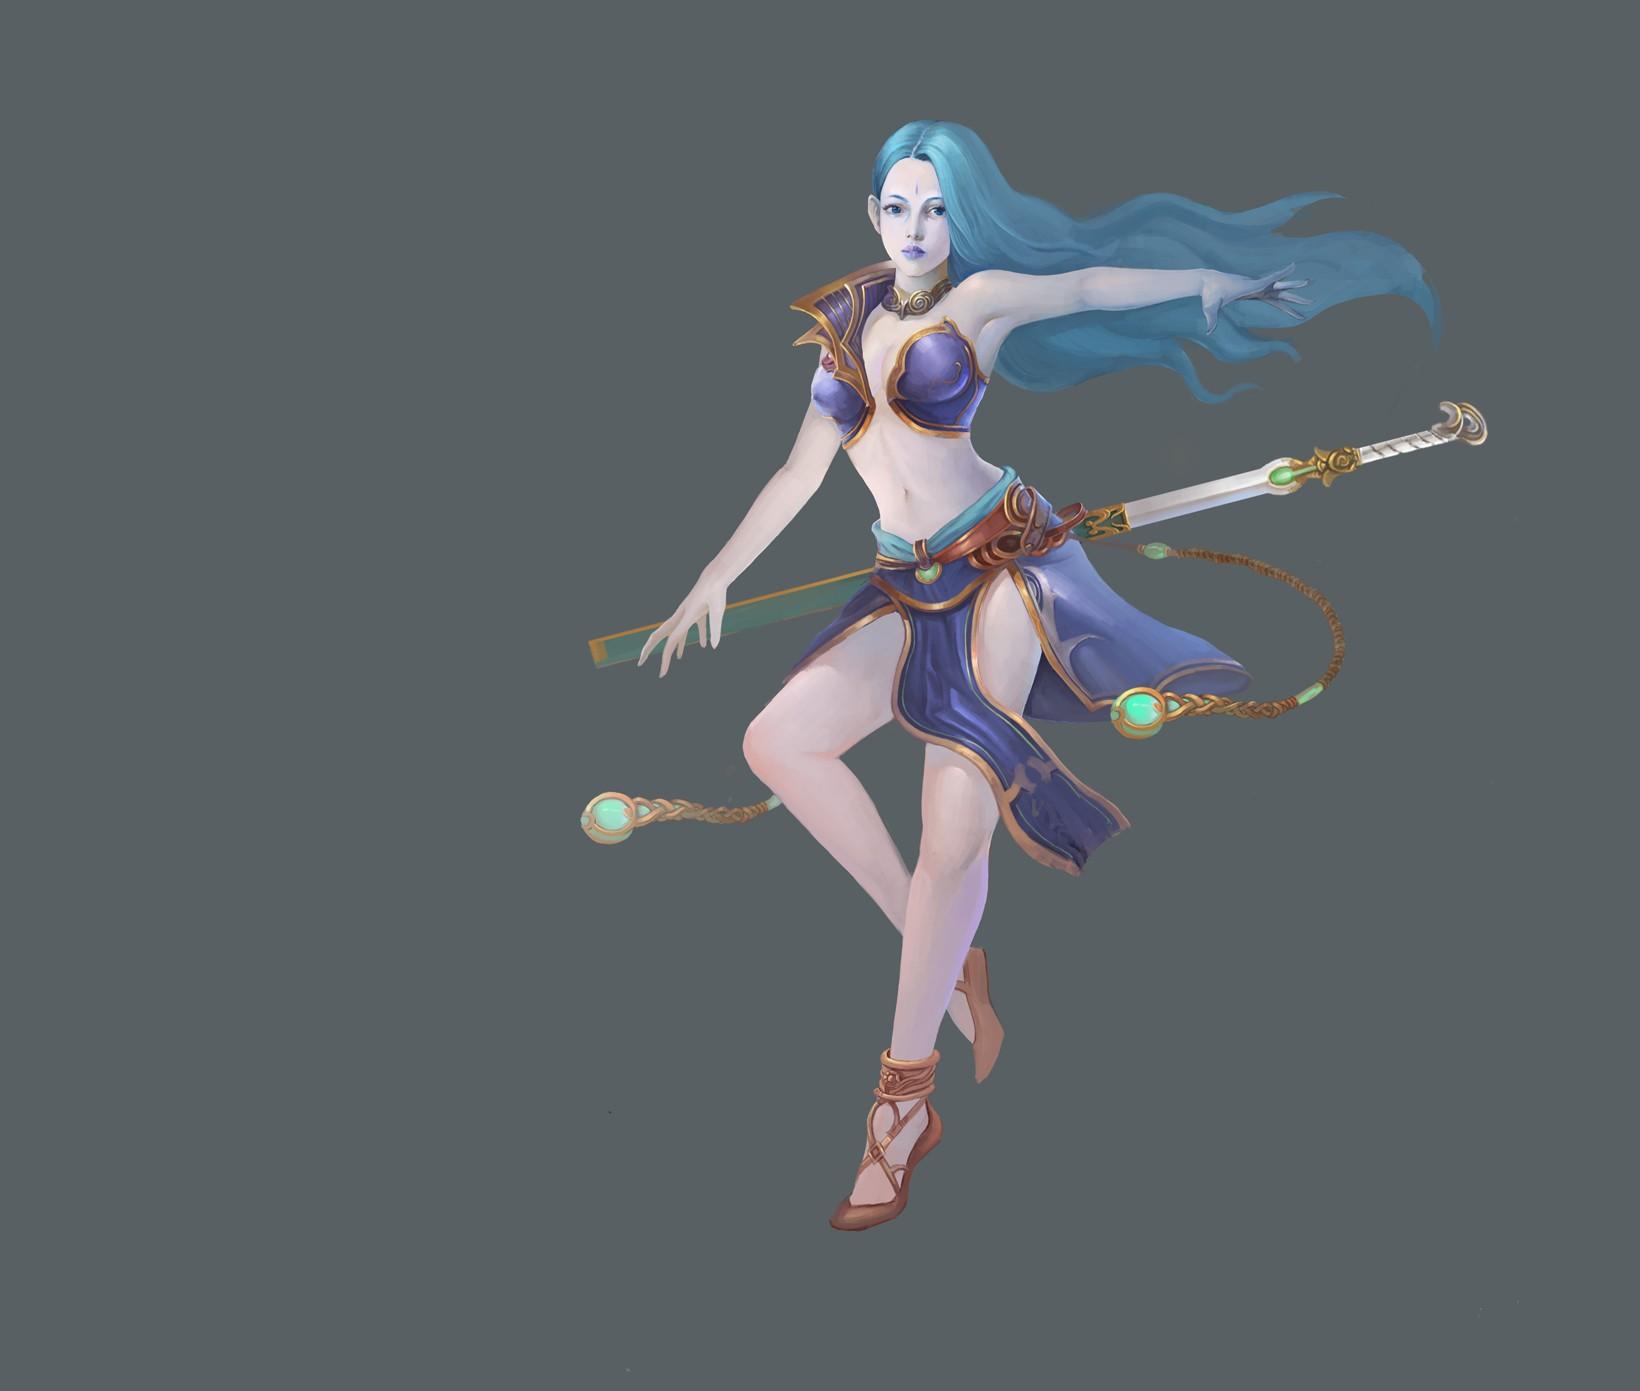 剑女 由 buxianhui 创作